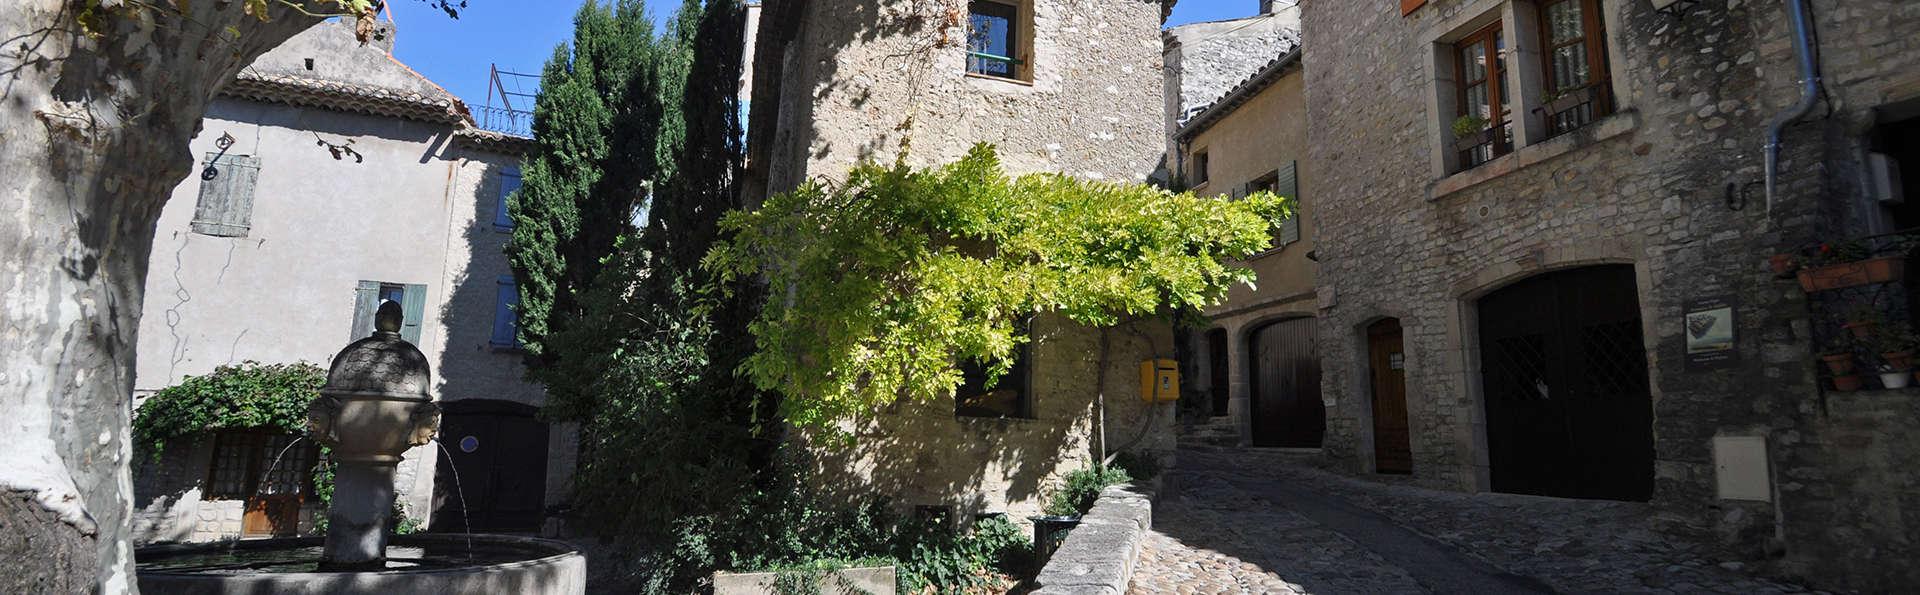 Le Logis du Château  - EDIT_destination.jpg